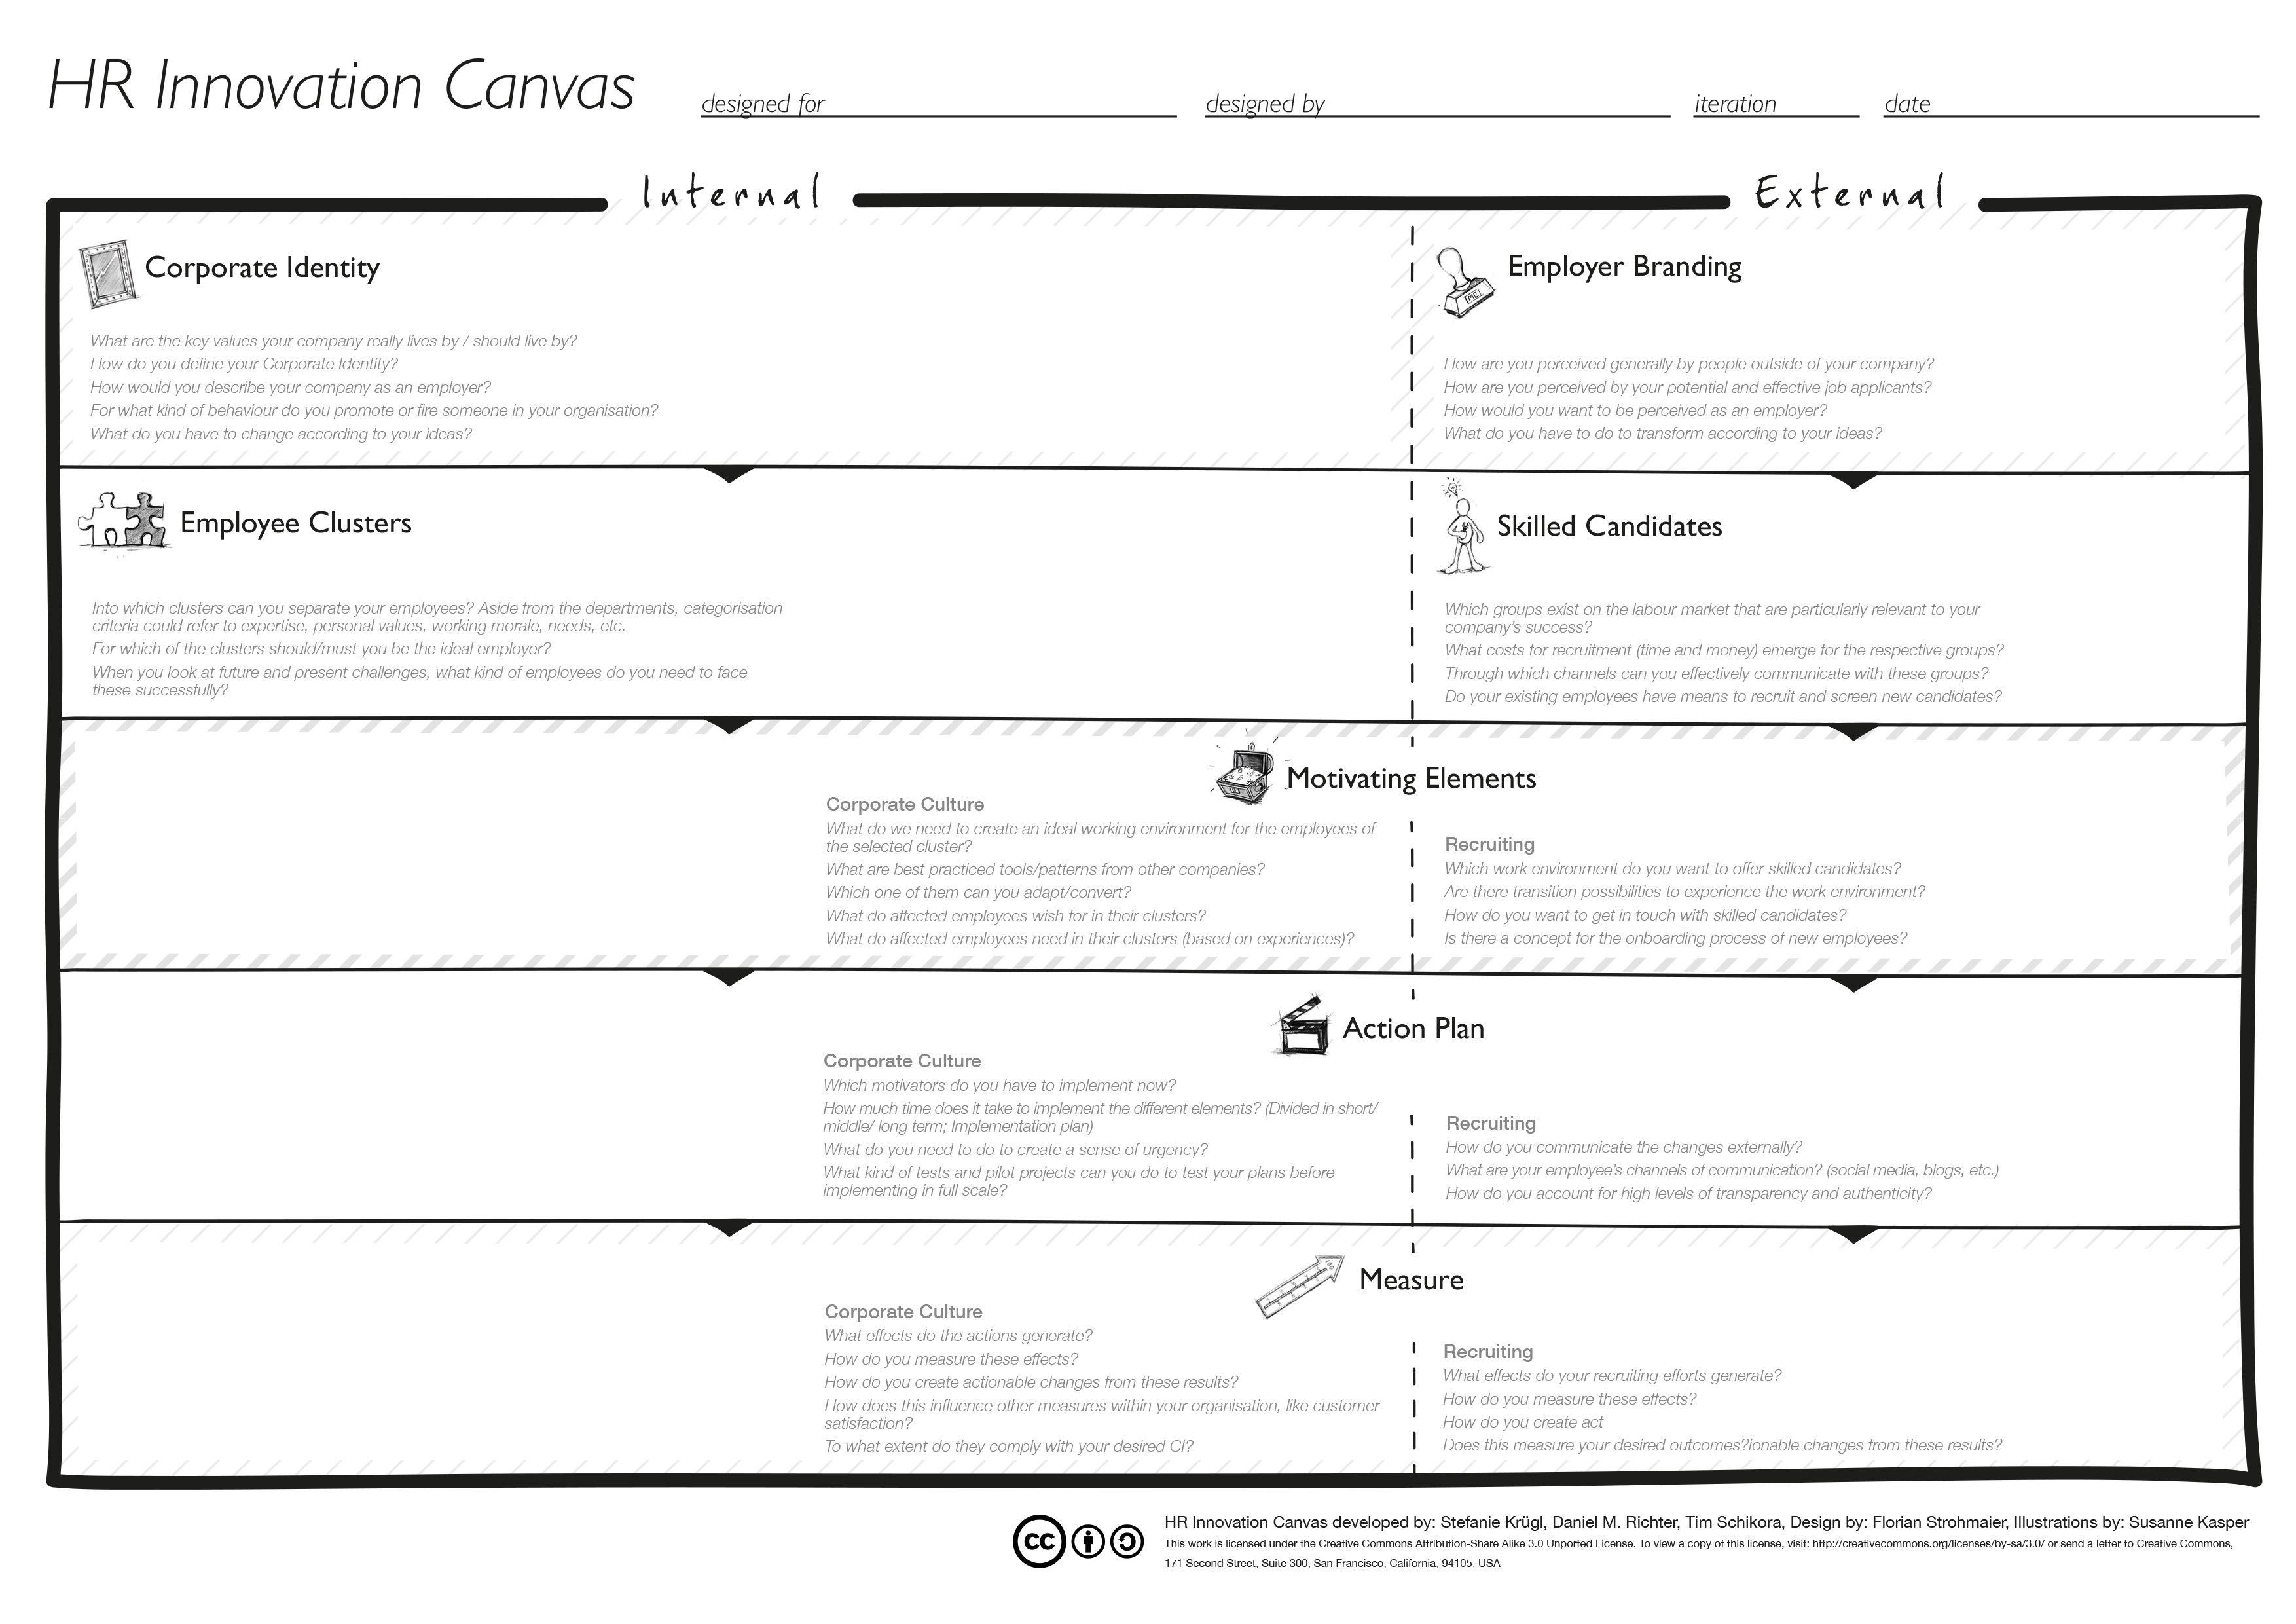 der hr innovation canvas ist ein toolset um ausgehend von einer hr innovation canvas for company culture